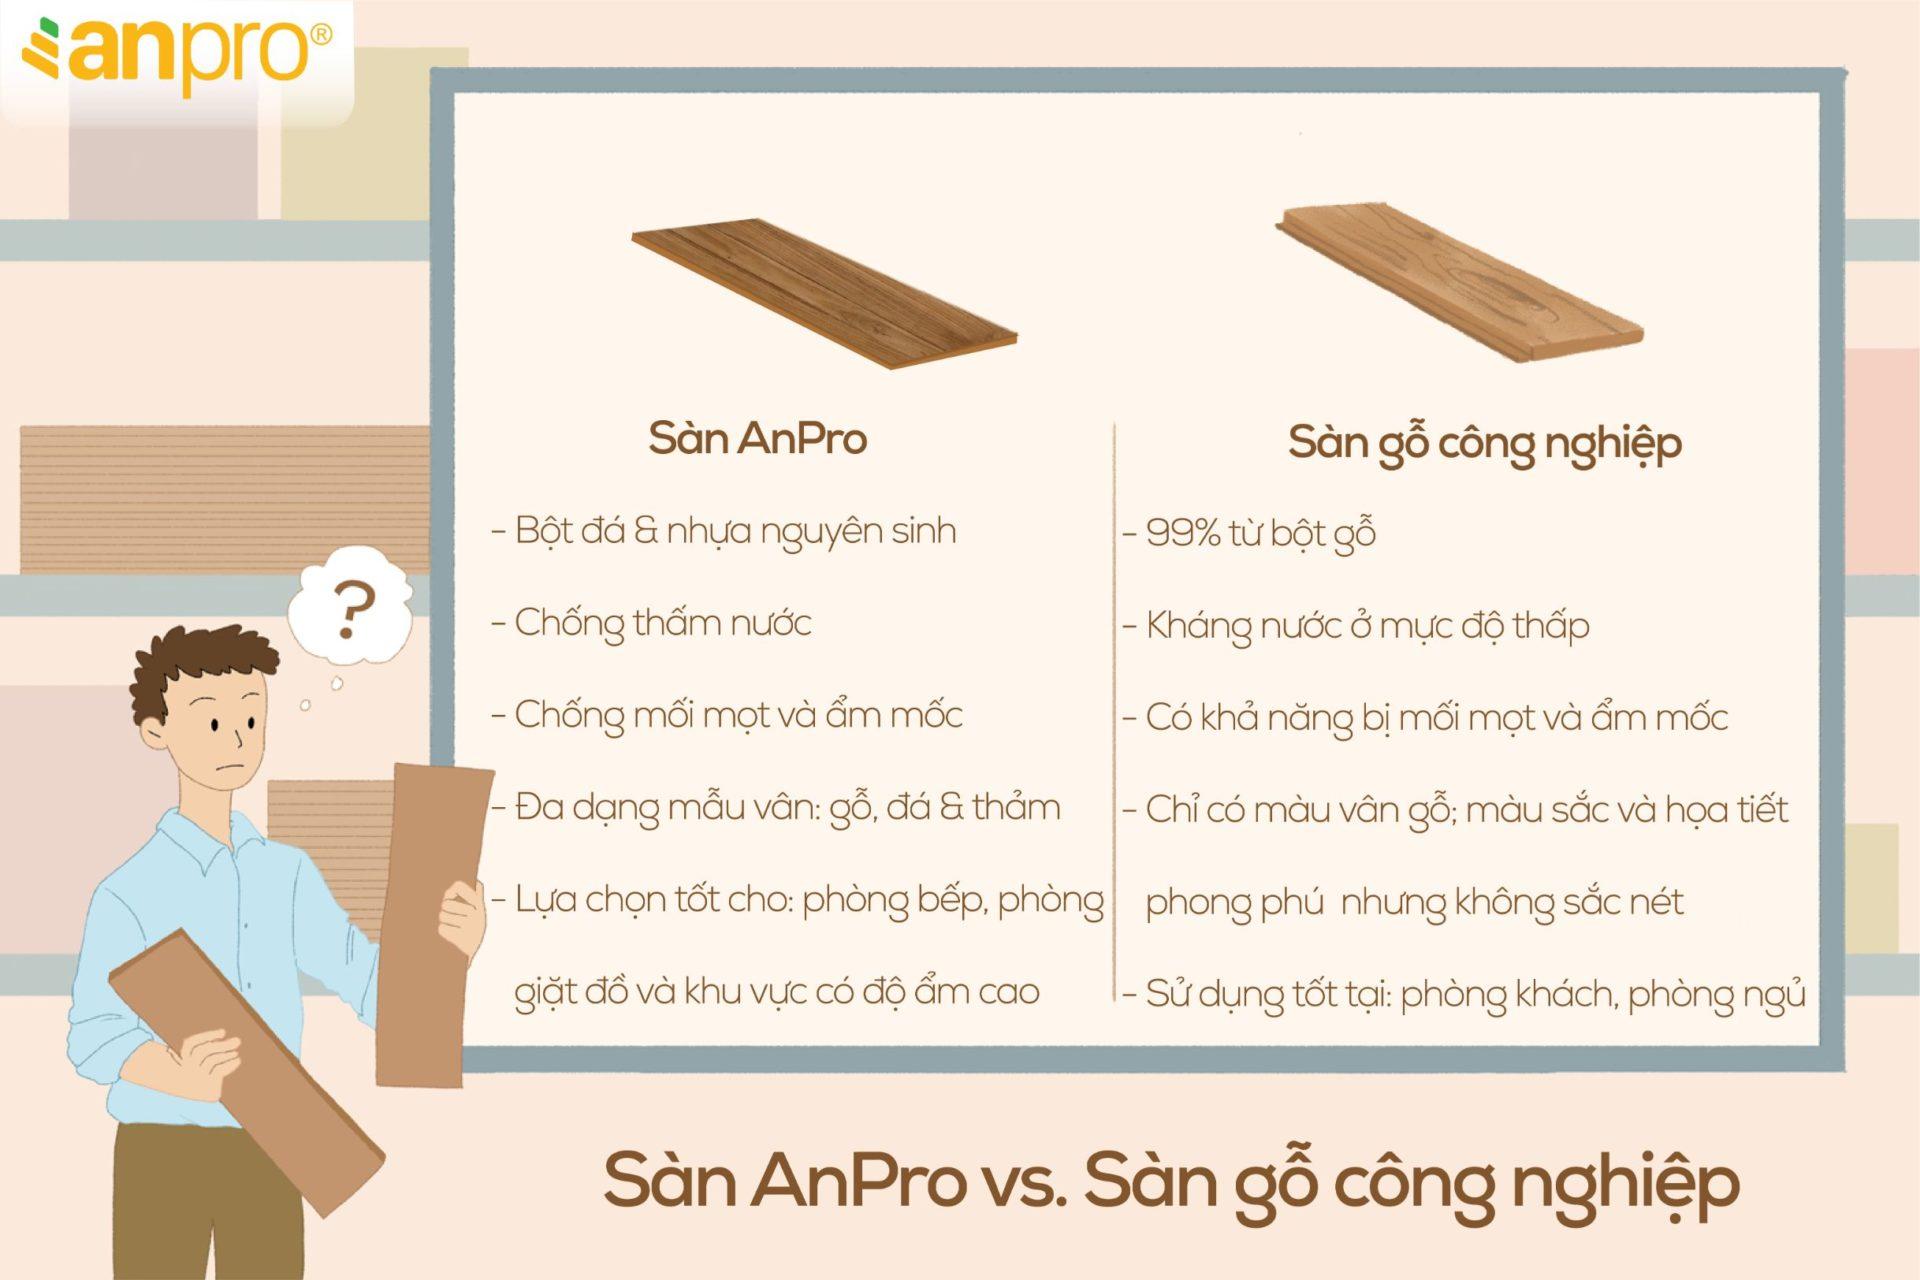 SPC vs laminate2 07 07 - Nên chọn sàn AnPro hay sàn gỗ công nghiệp?